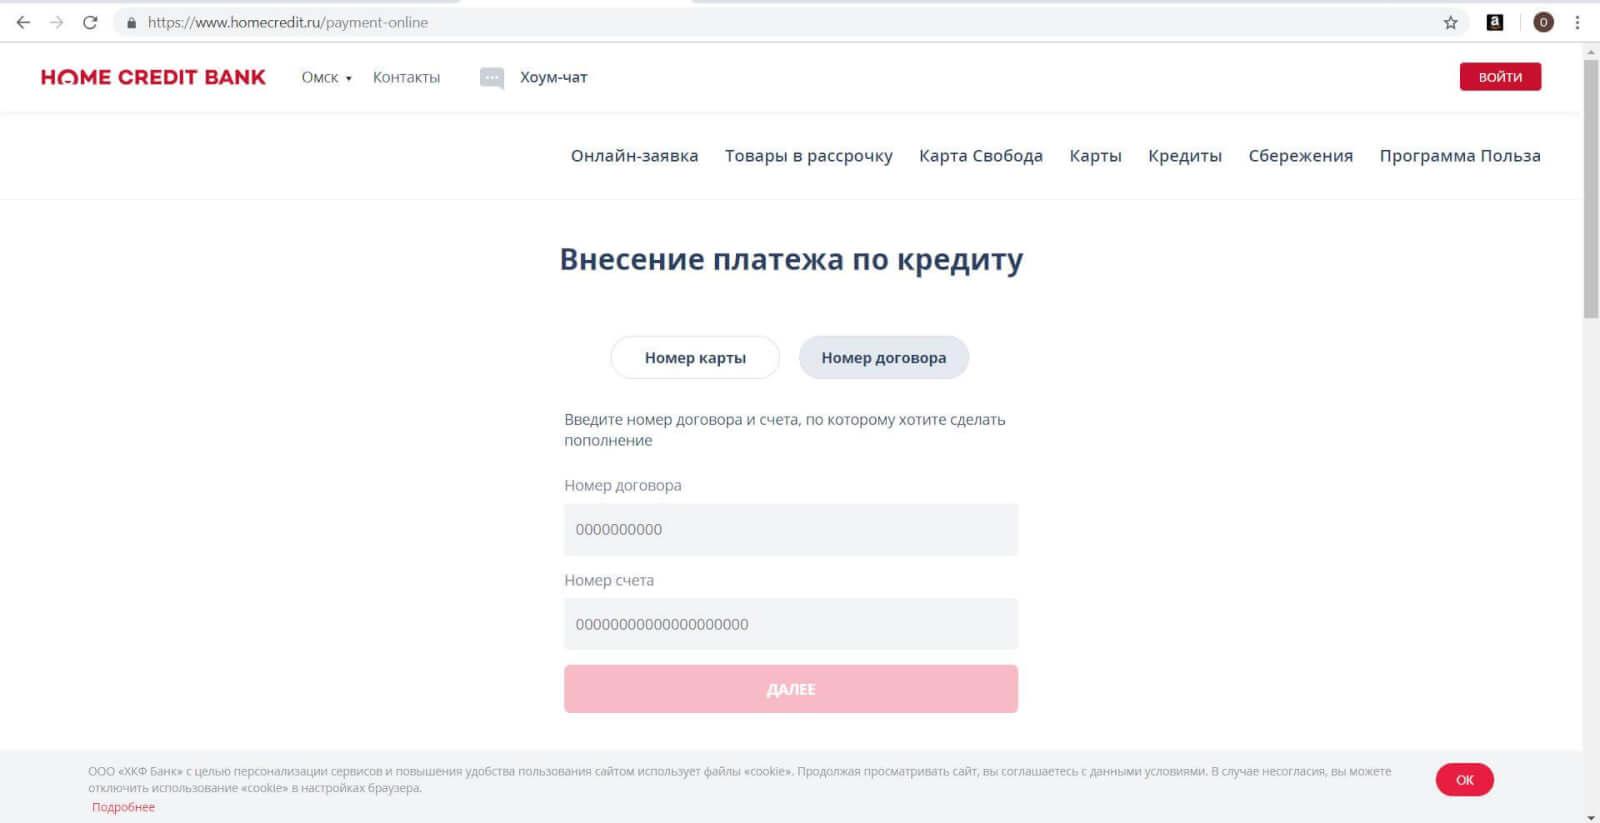 официальный сайт банка Хоум Кредит